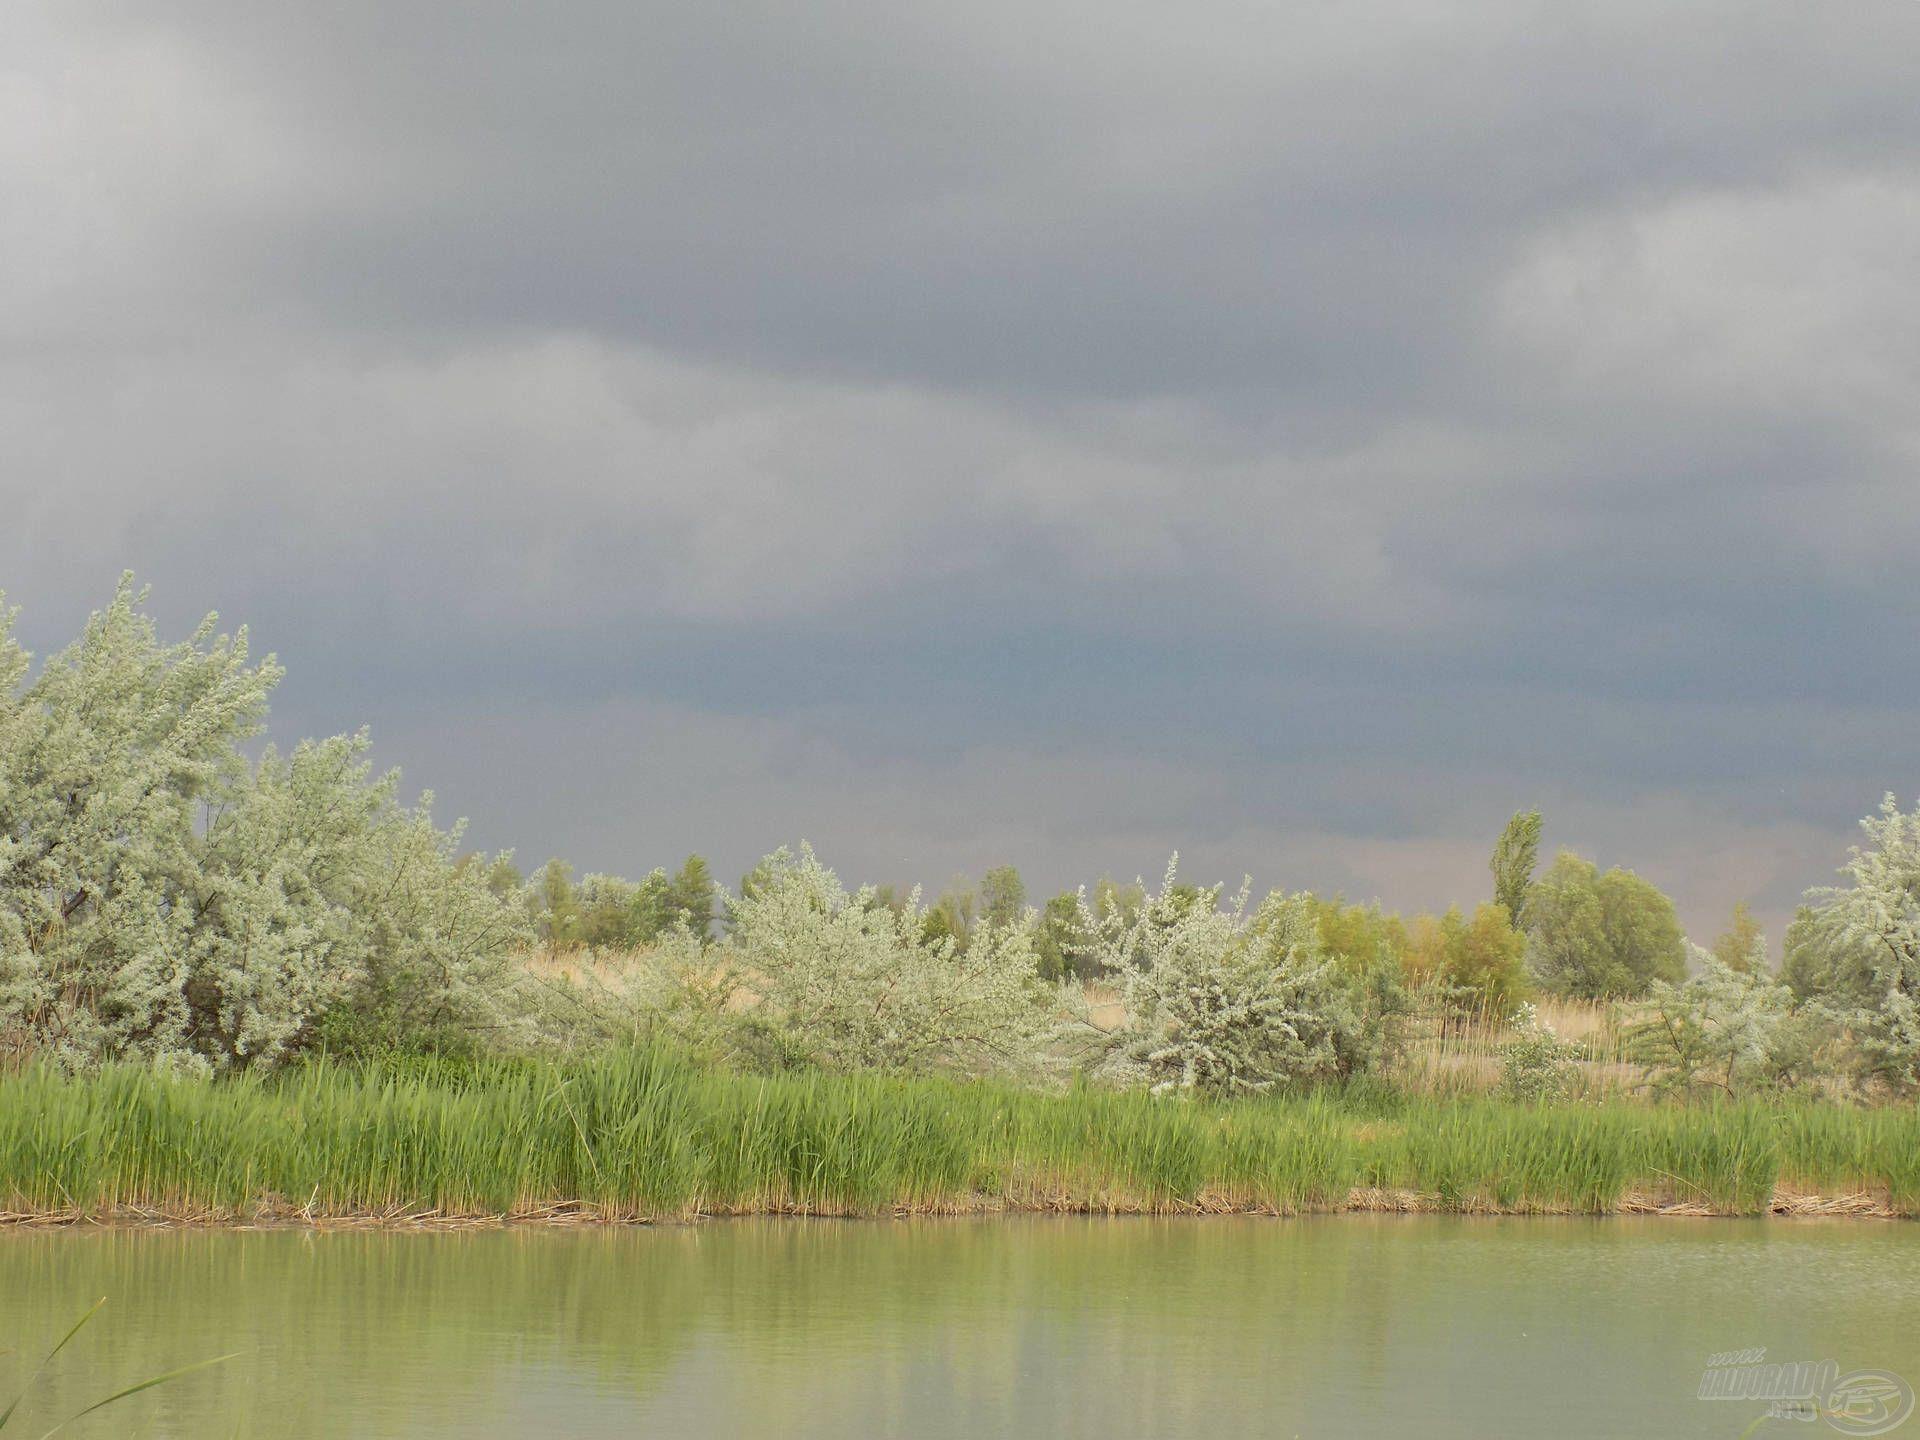 A horgászat során szám szerint hat alkalommal kezdett rá az eső, ha éppen nem esett, akkor fülledt meleg pecsételte meg a halak étvágyát